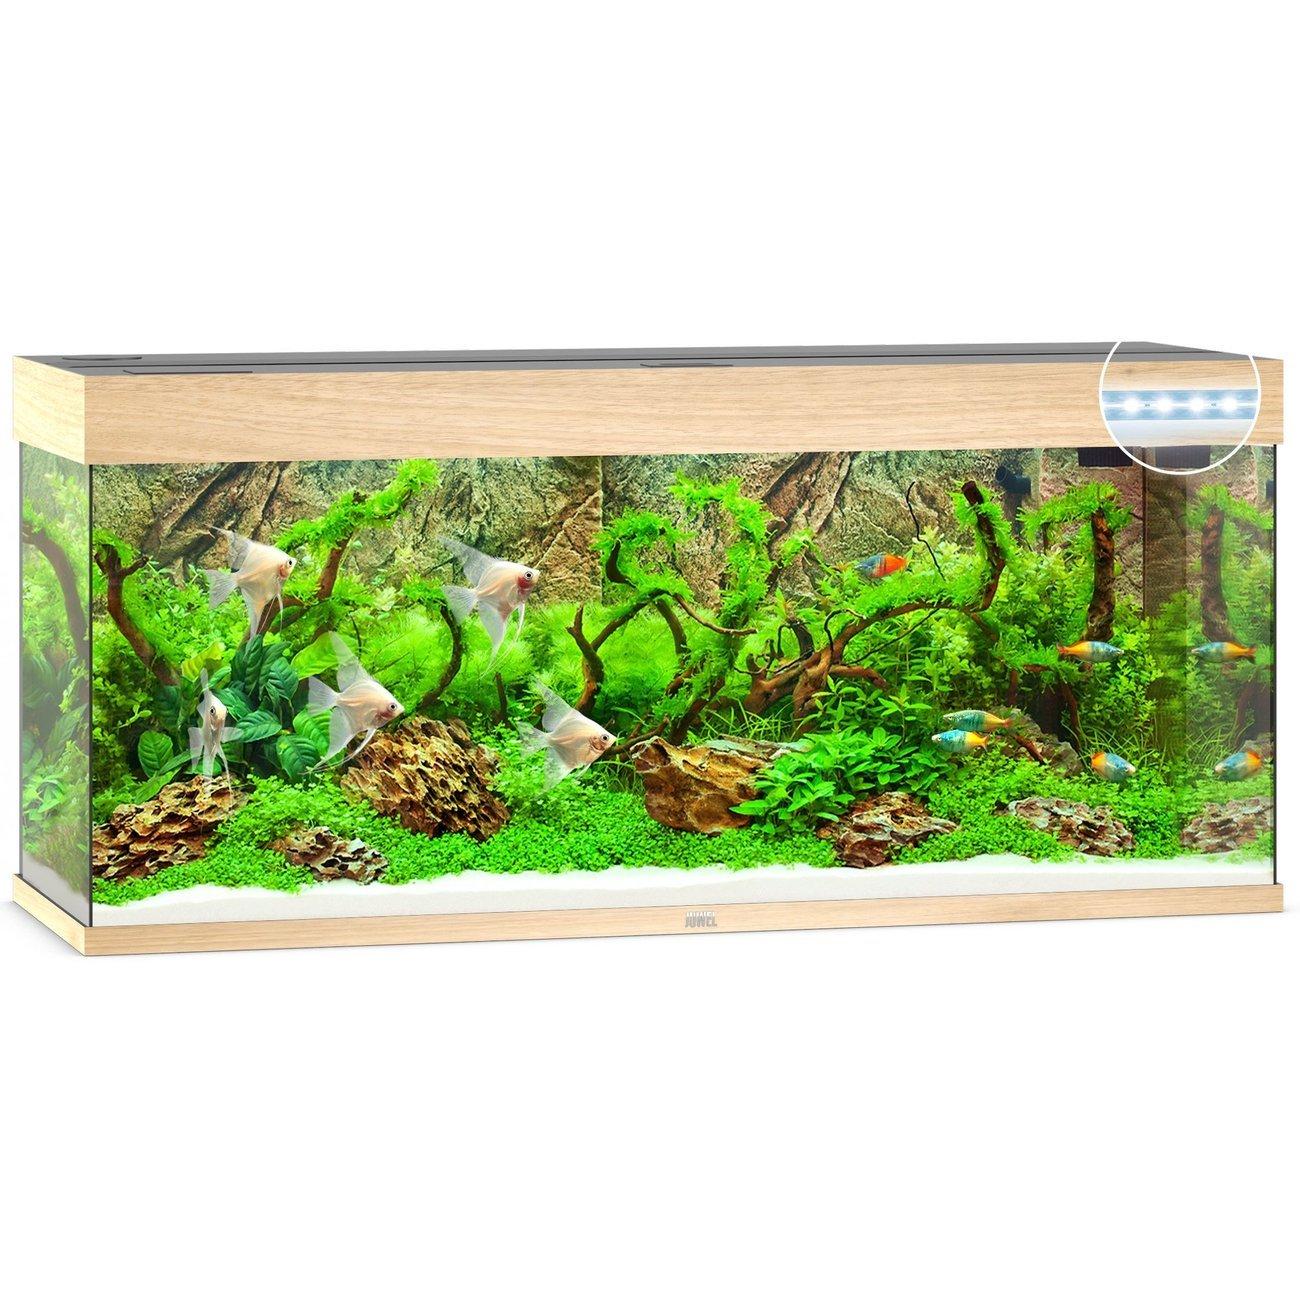 Juwel Rio 240 LED Aquarium, Bild 3